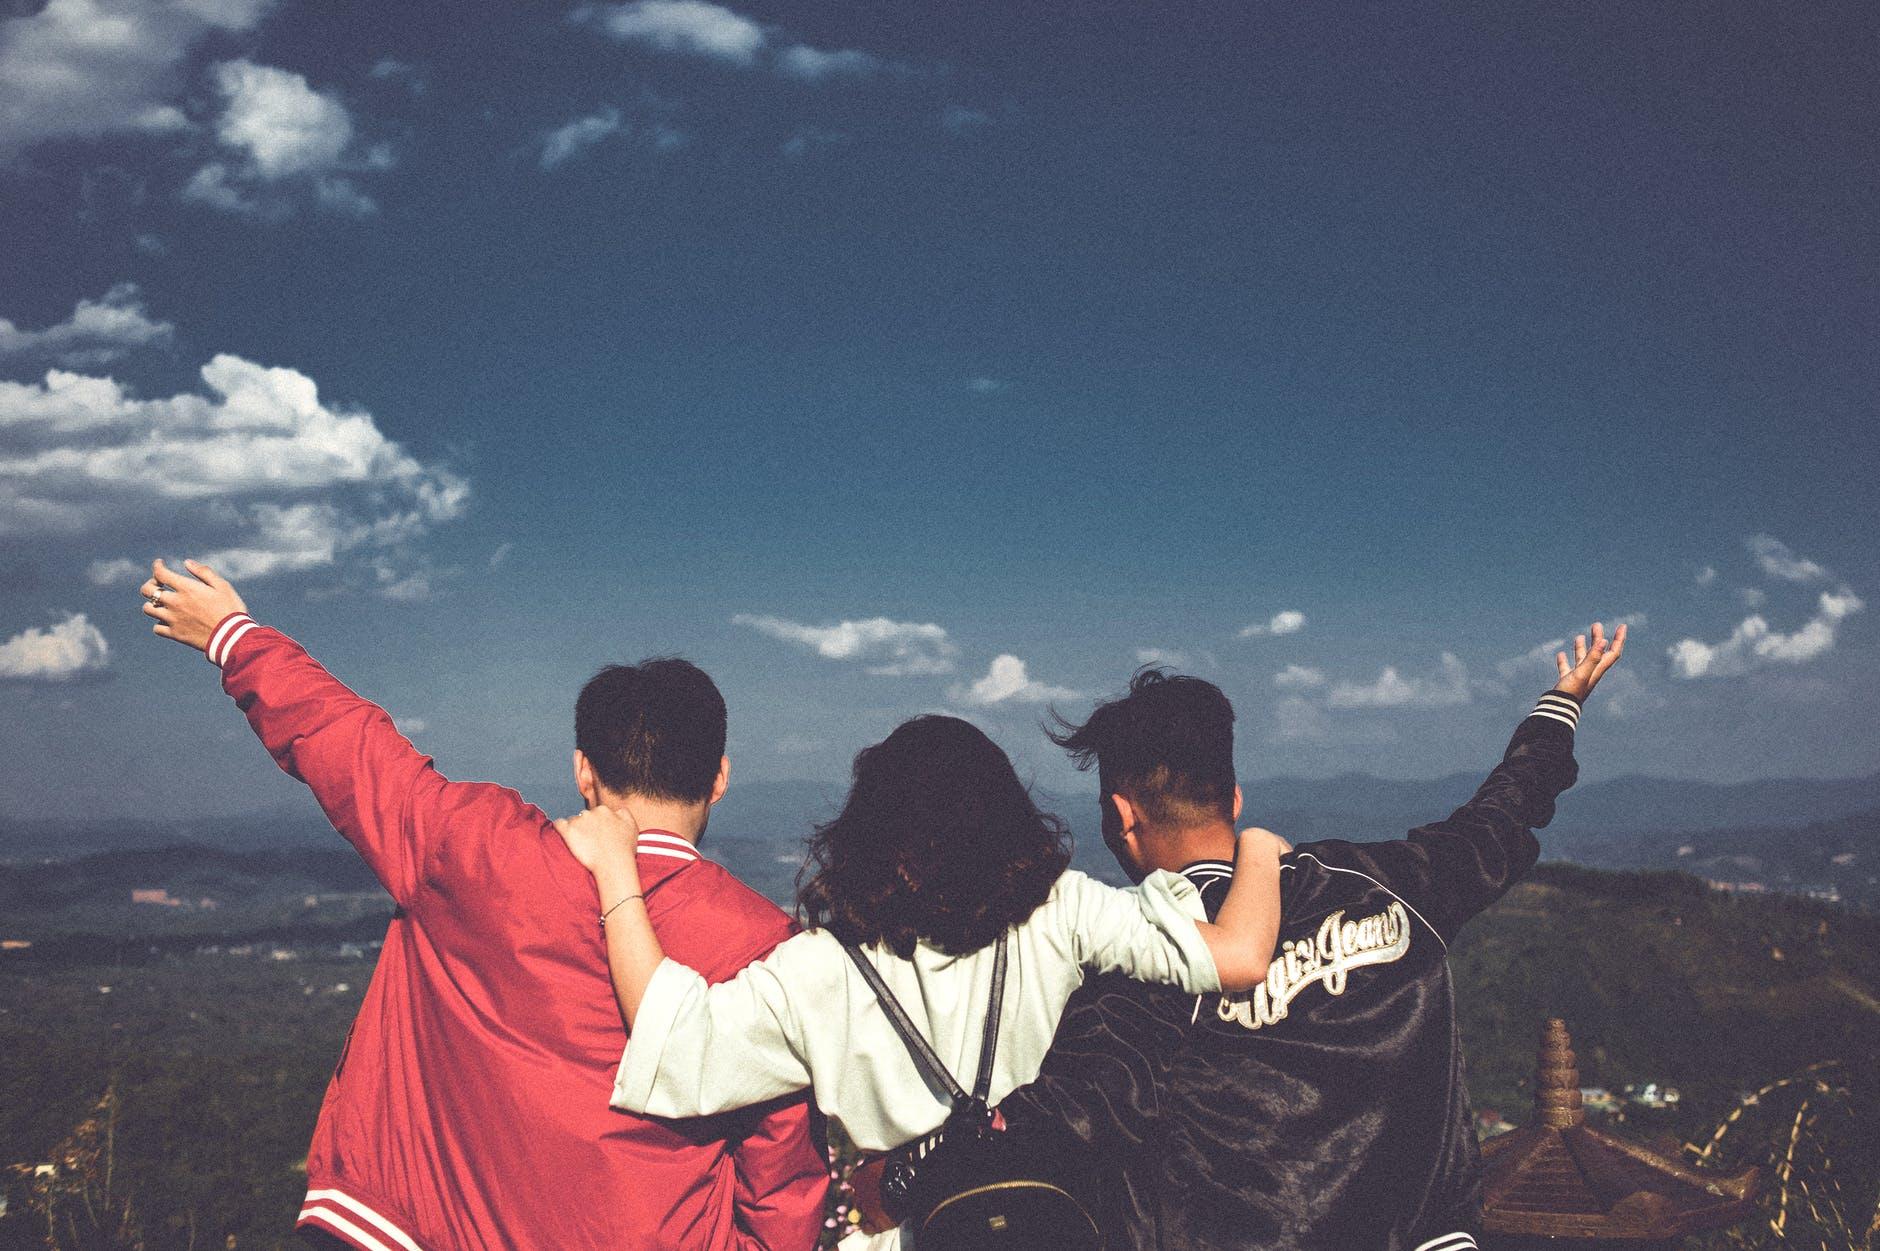 giovani amici